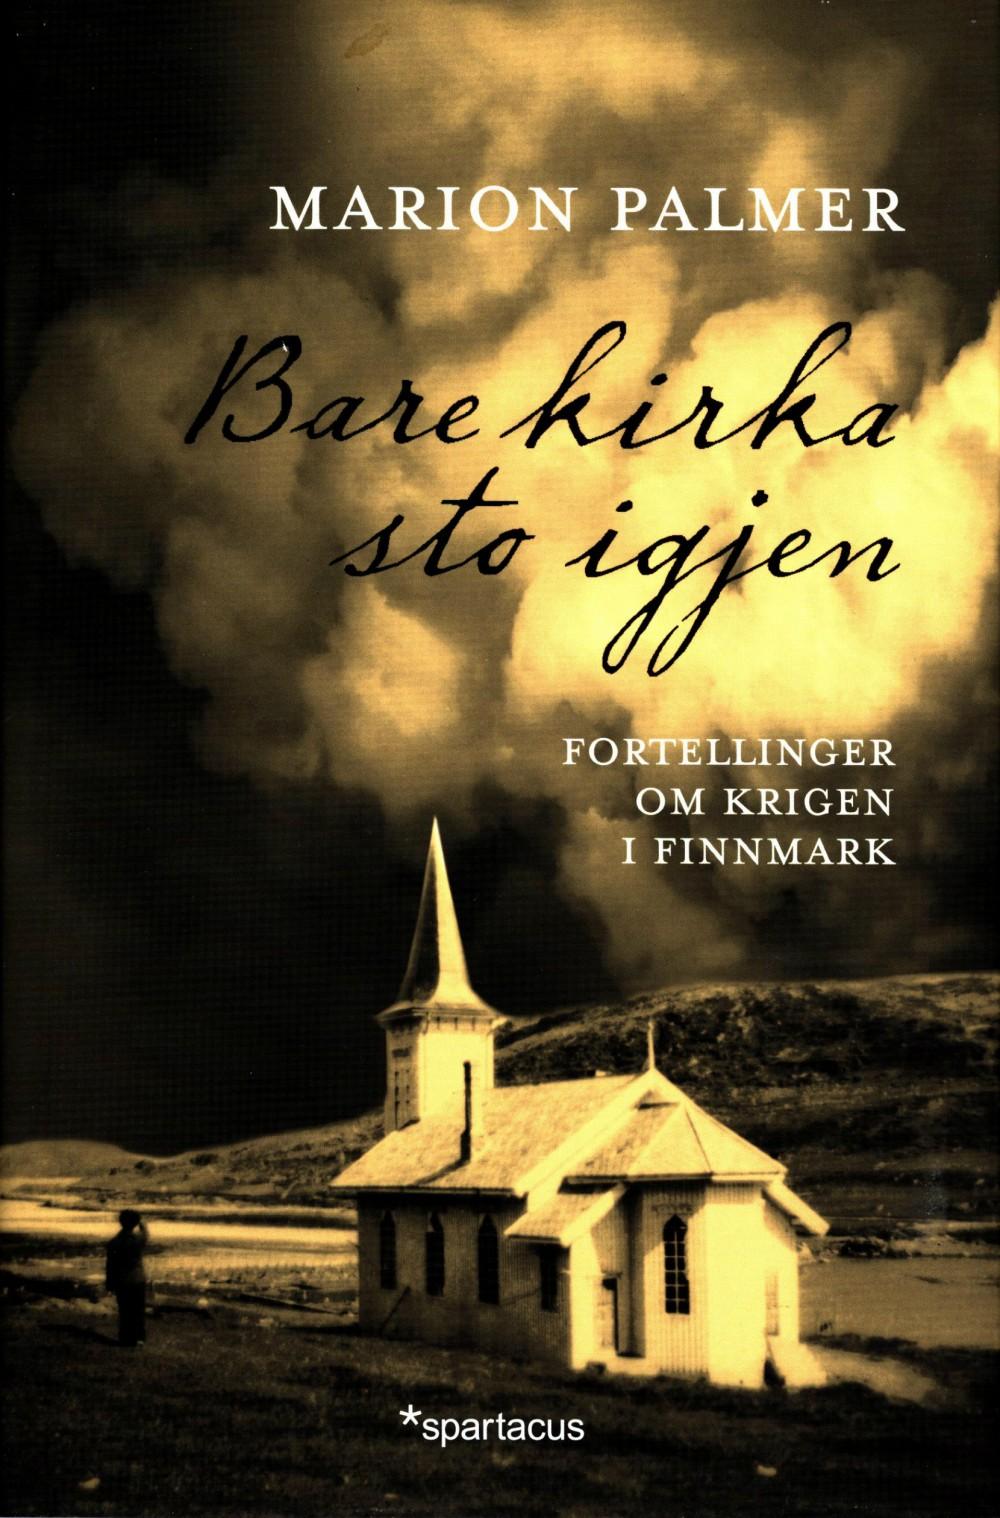 Marion Palmer: Bare kirka sto igjen - Fortellinger om krigen i Finnmark